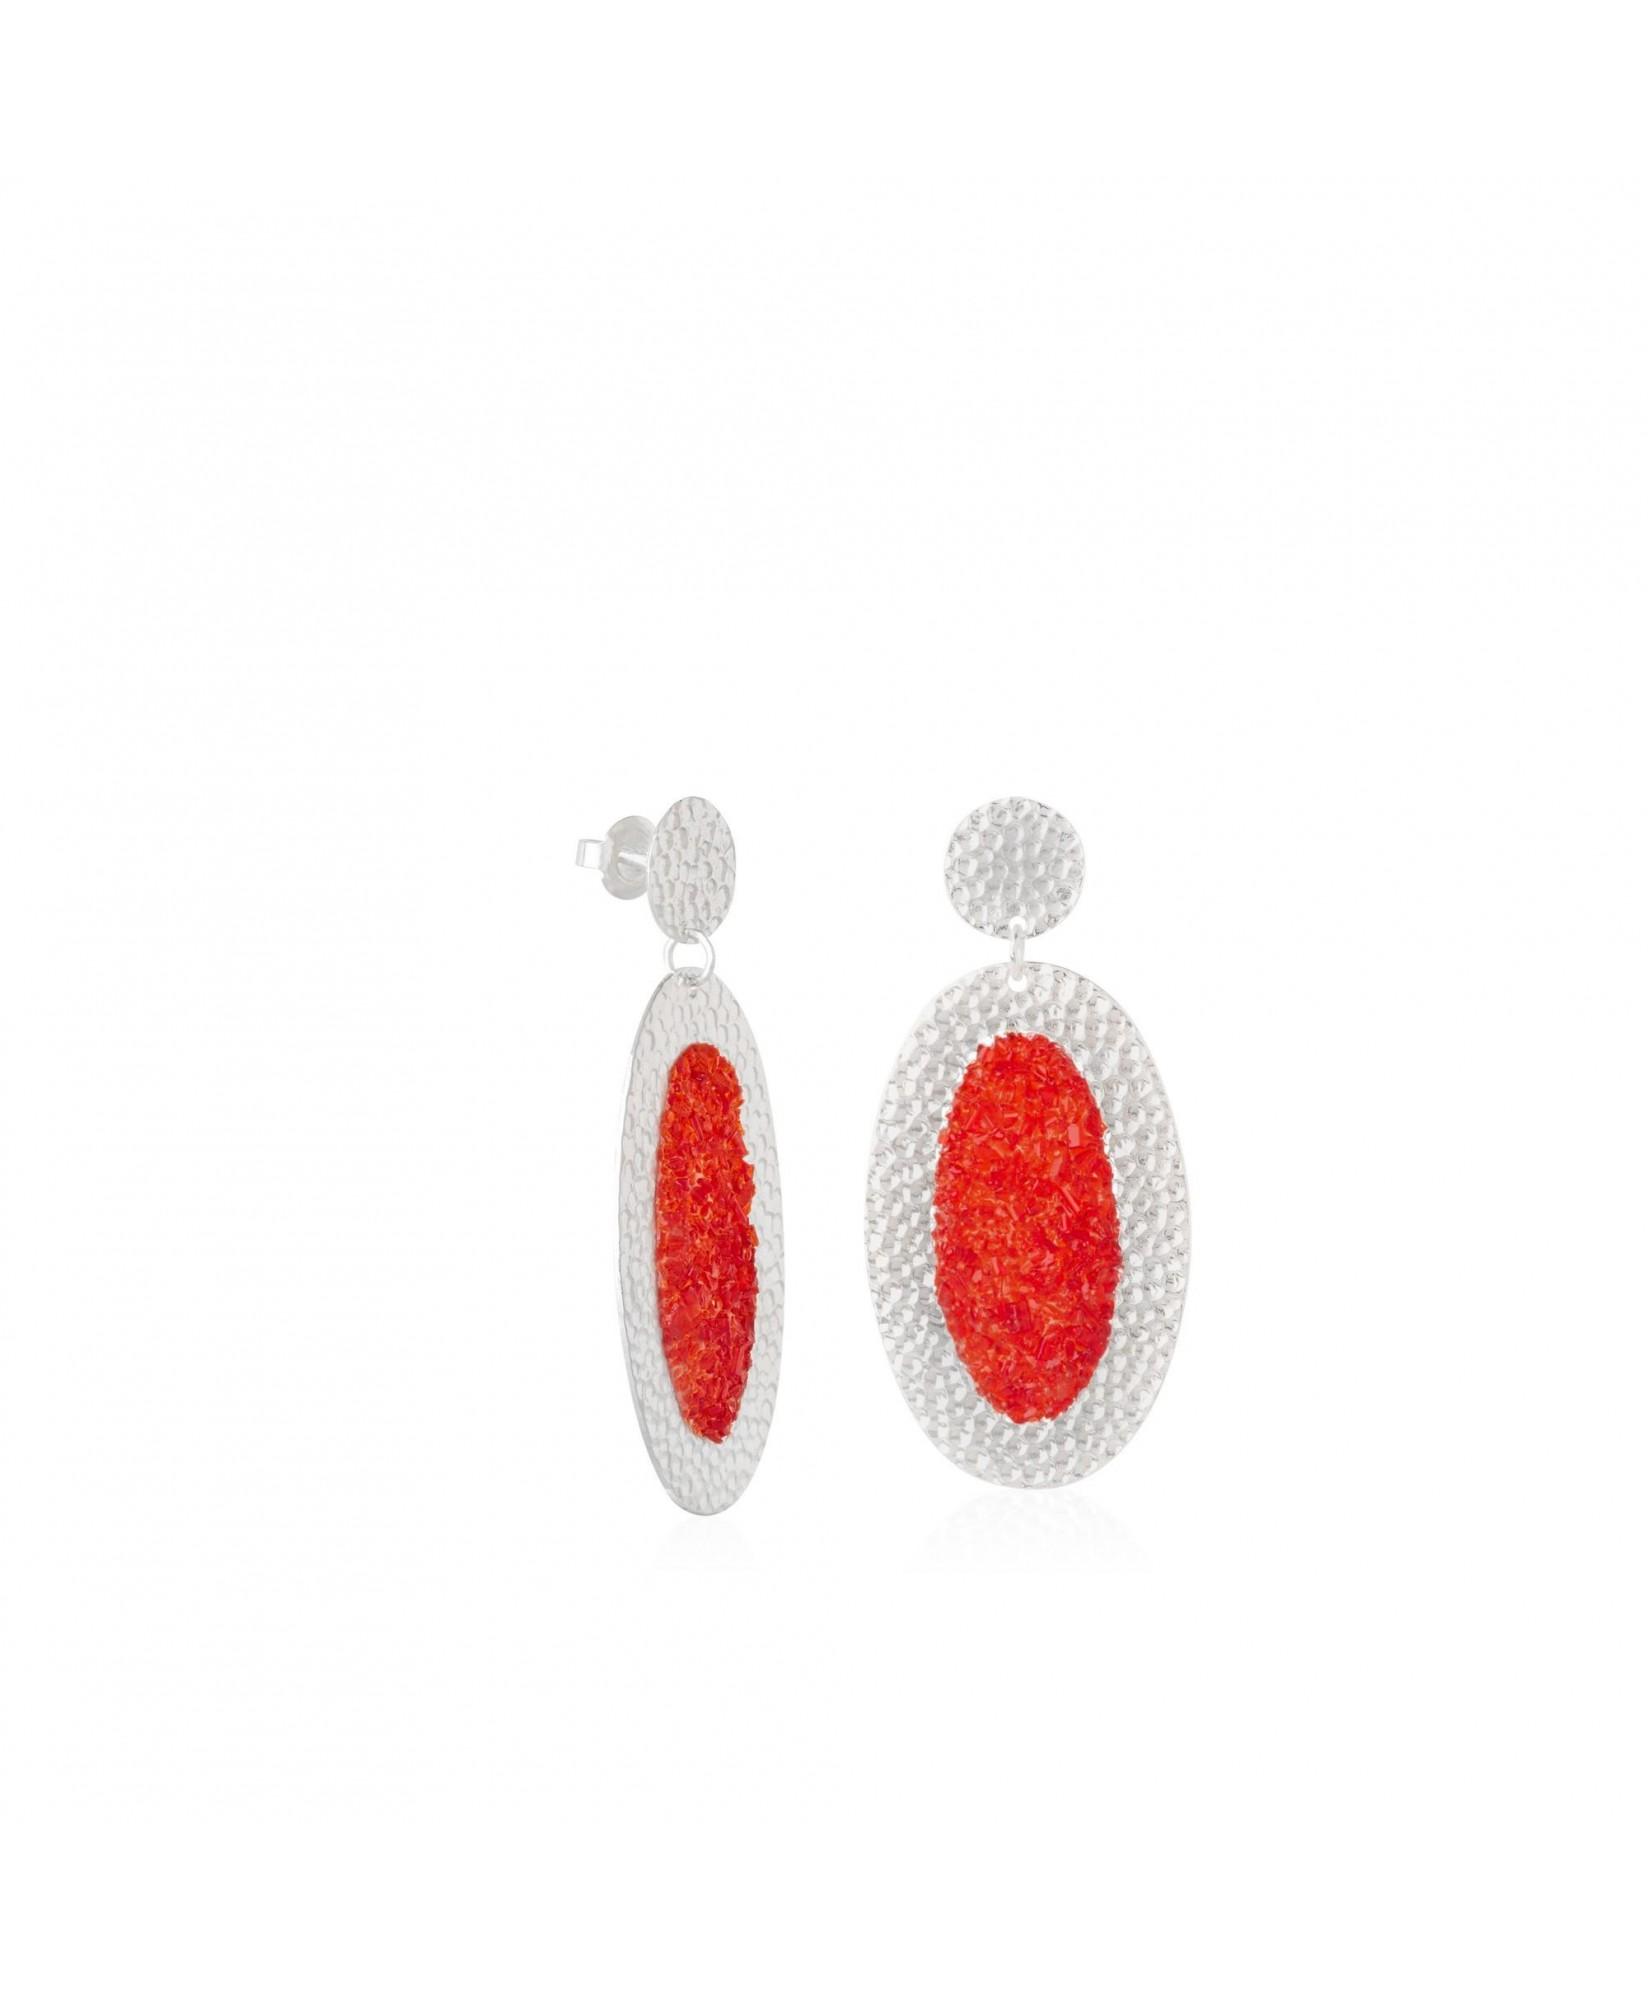 Pendientes de plata ovalados Estia con nácar rojo